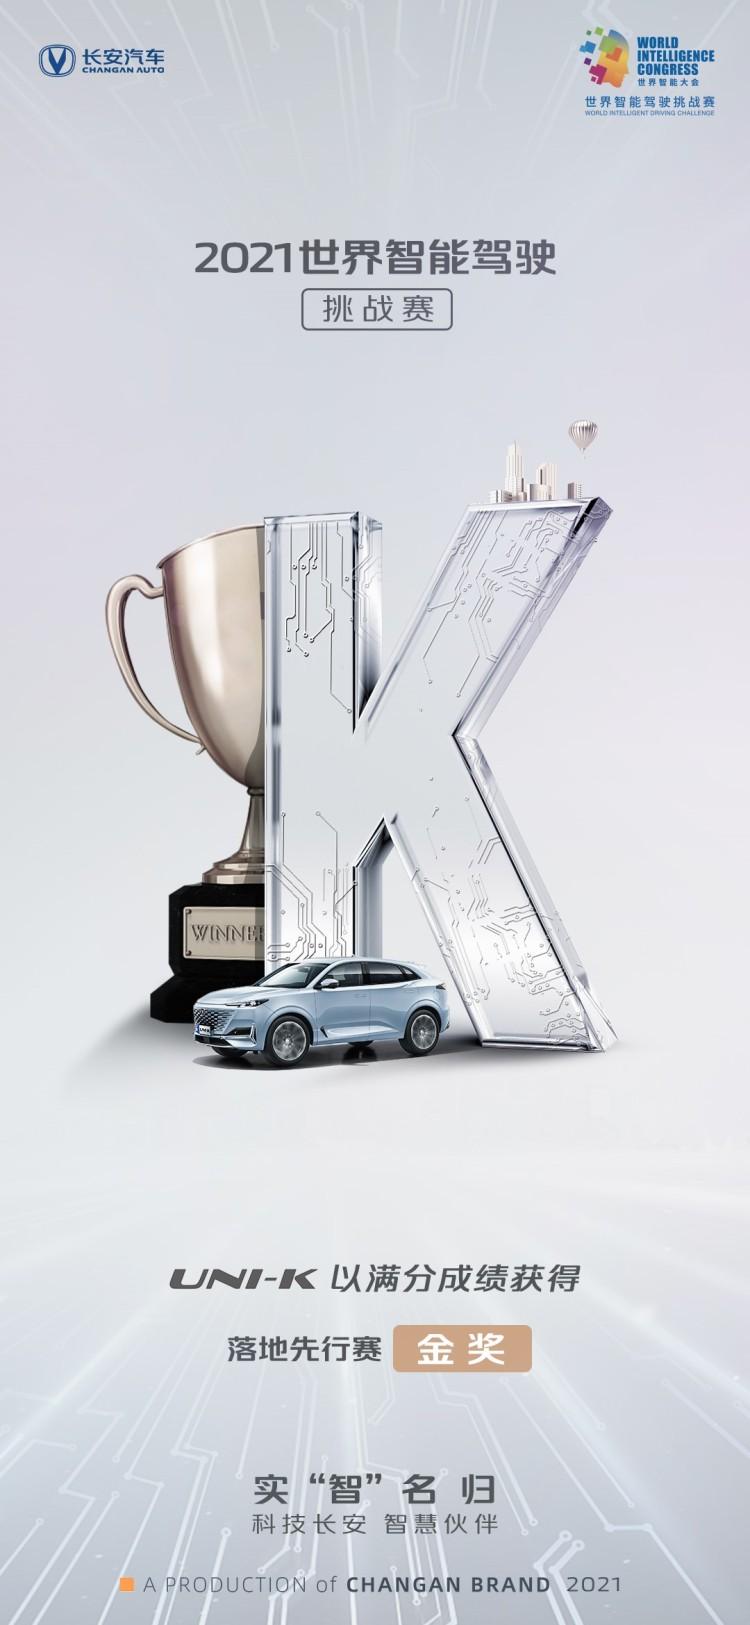 滿分!長安UNI-K奪得2021世界智能駕駛挑戰賽金獎